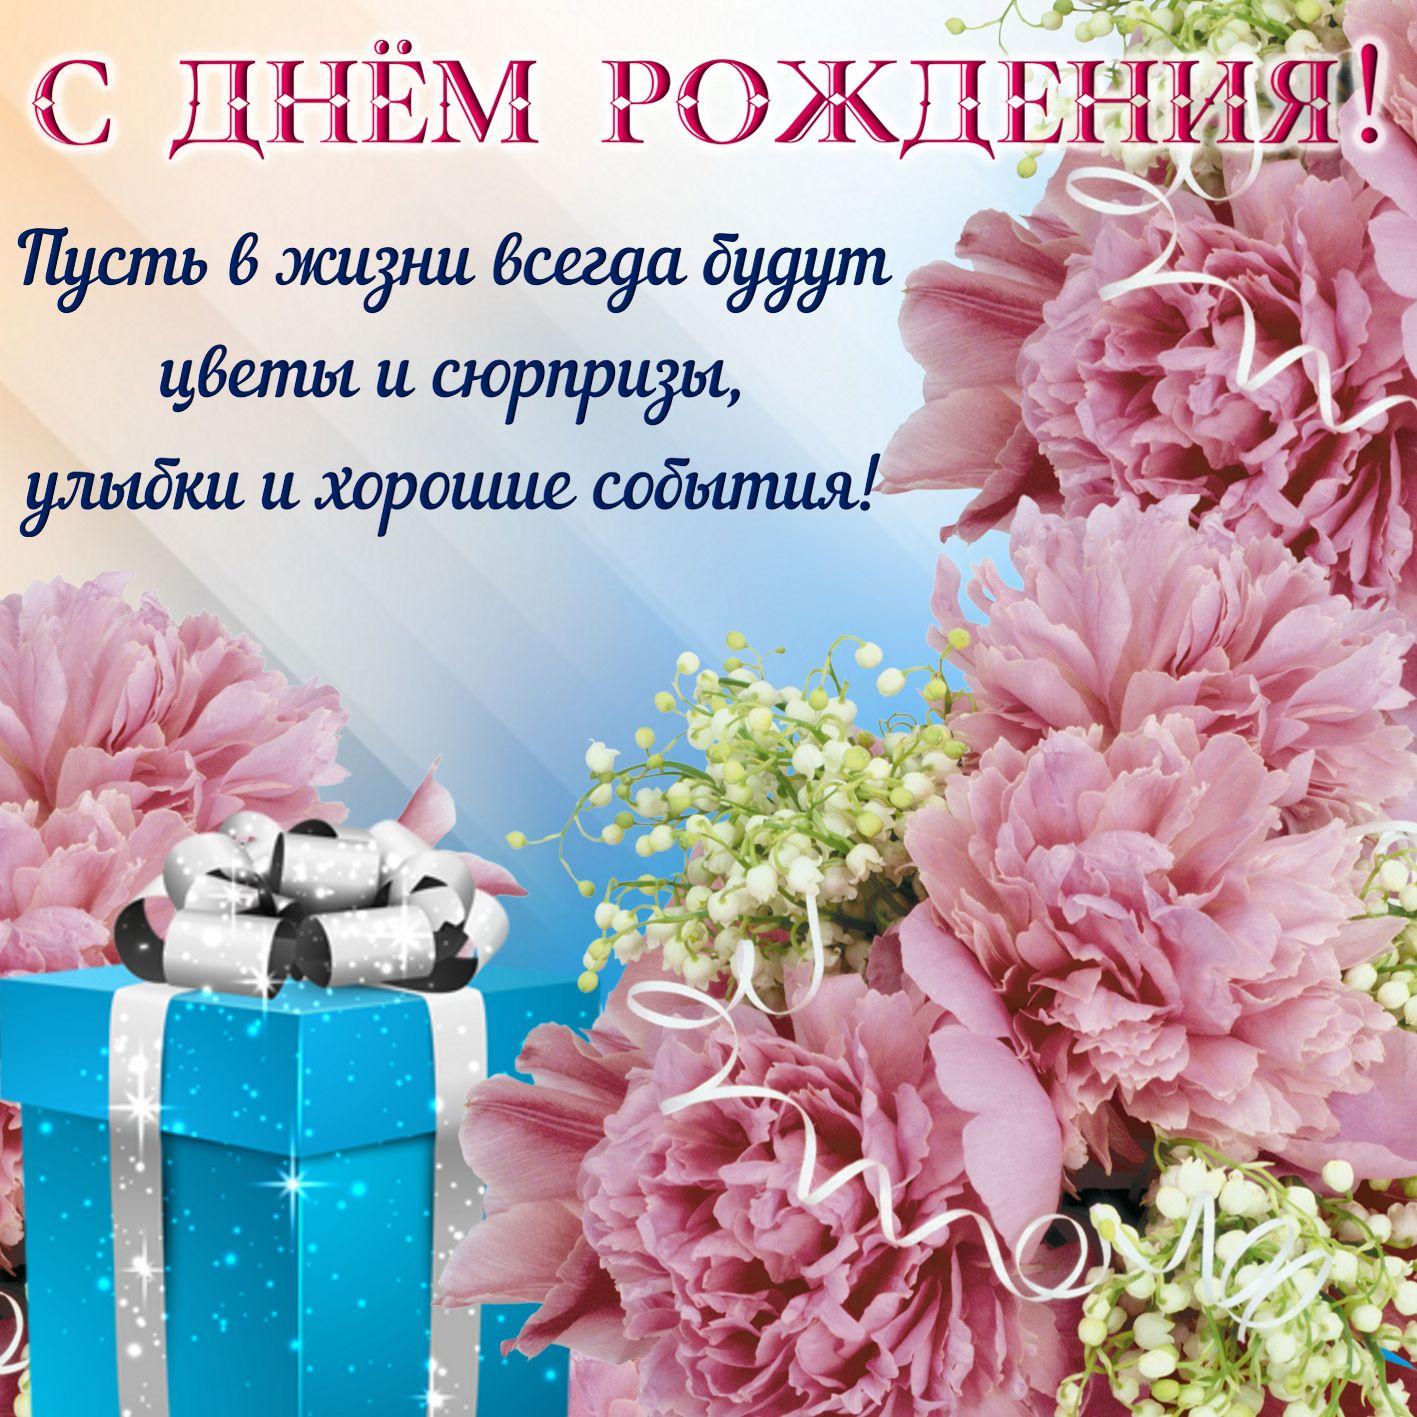 Открытки с днем рождения женщине хорошего качества, картинки электрика